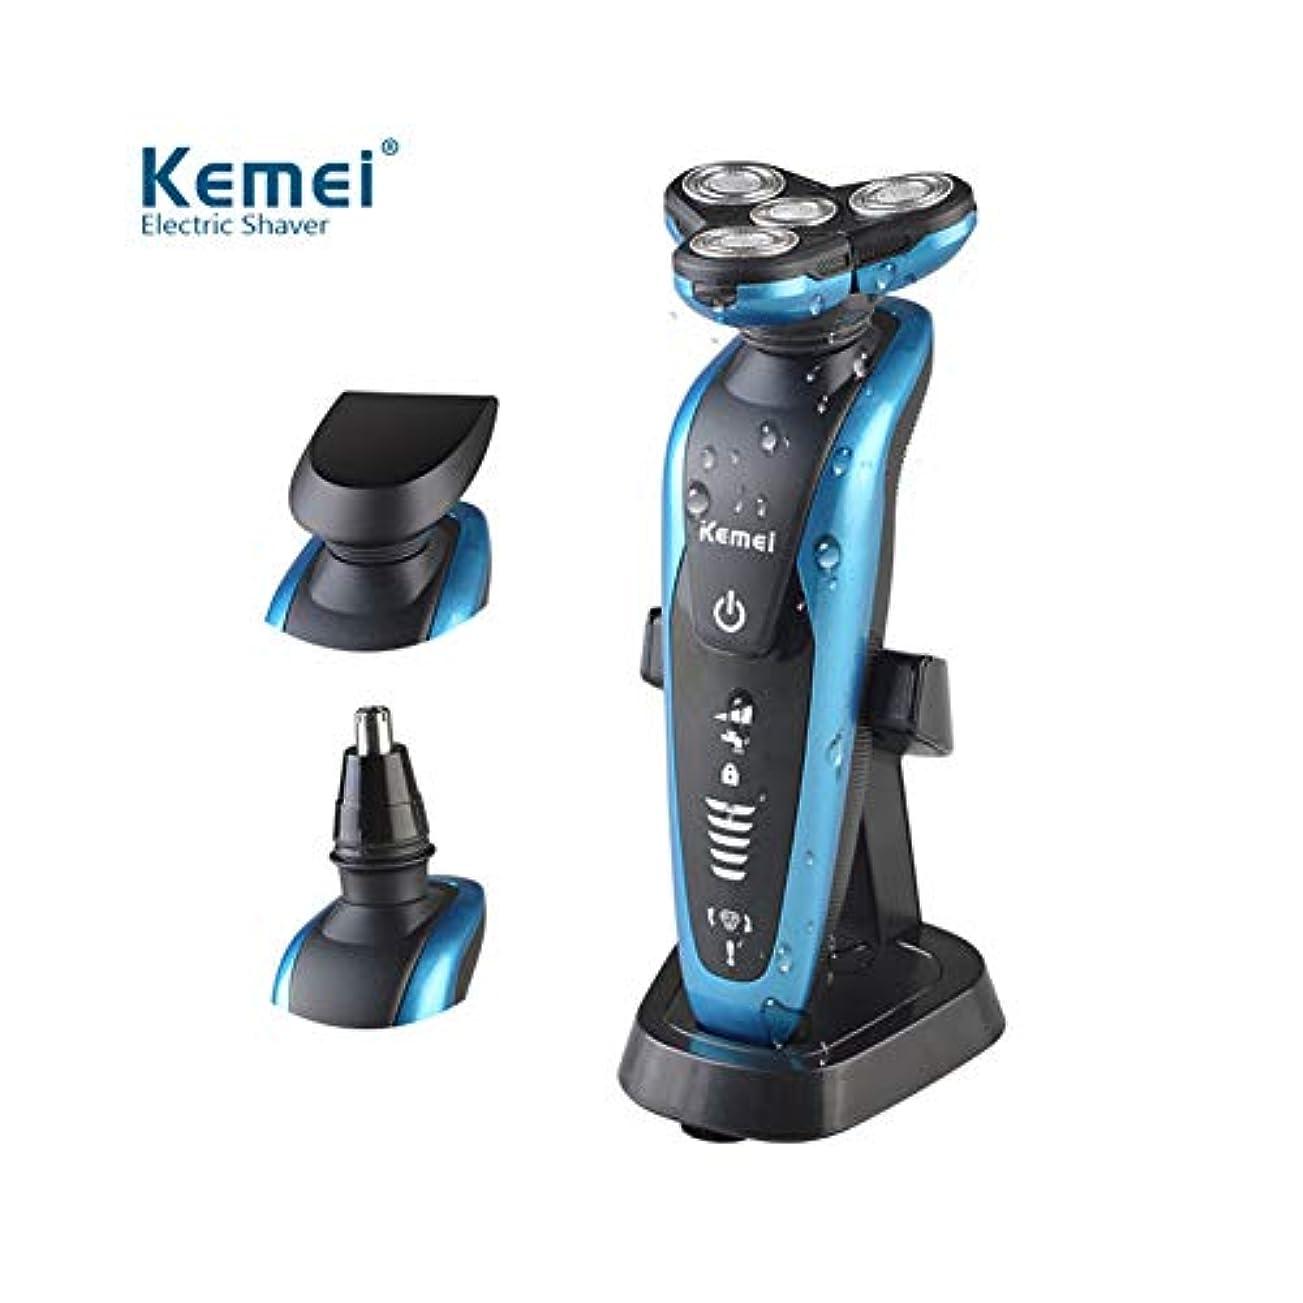 切る違反する神Kemei-58892 3 in 1洗えるシェーバー電気充電式4 dフローティングひげシェーバー男性シェービング機鼻トリマーひげシェーバー